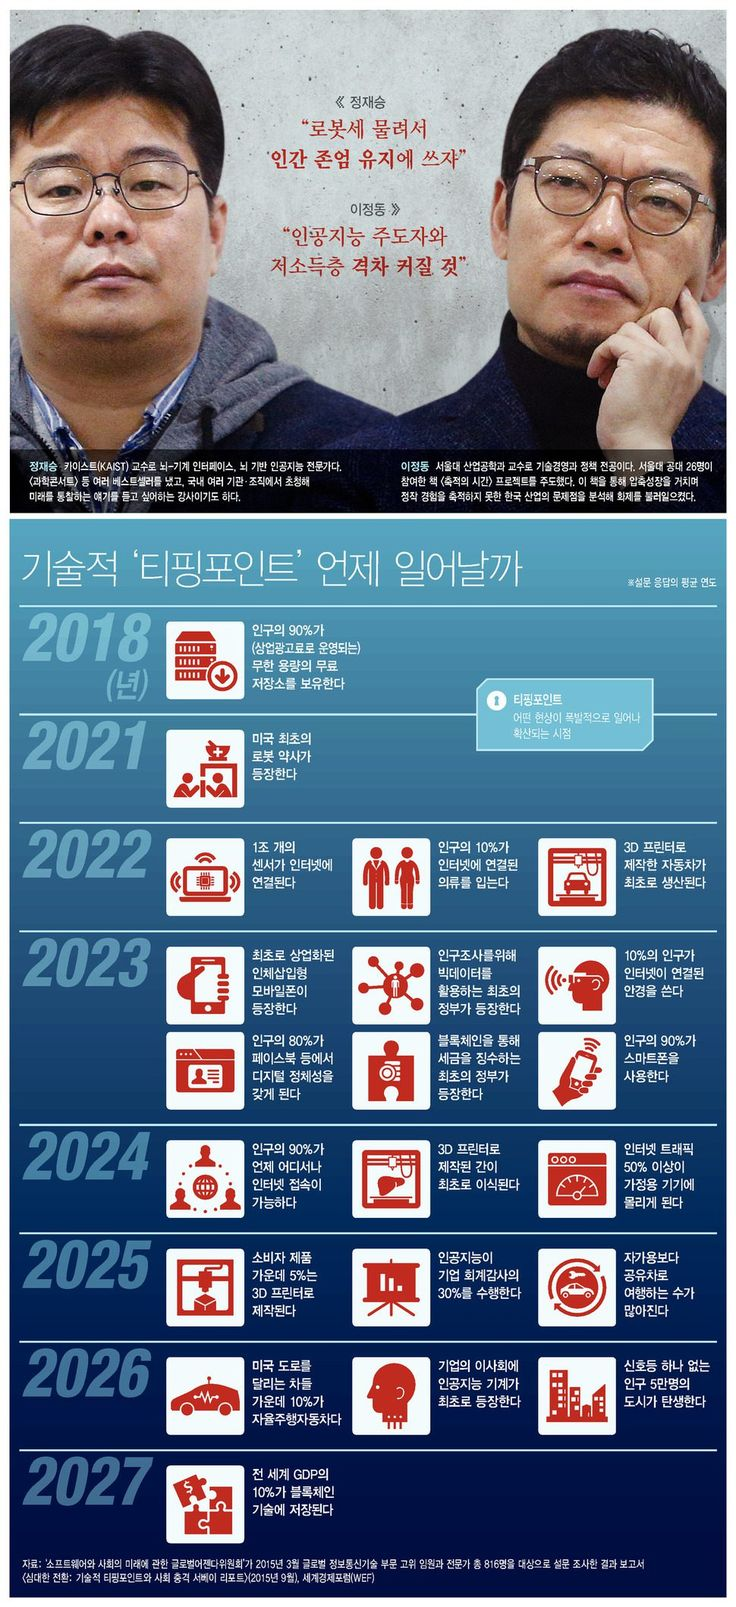 [한겨레] [미래] 이정동-정재승 '미래 토크'4차 산업혁명과 '축적의 시간'의 진화(※ 클릭하시면 확대됩니다.) 2015년 9월, 서울대 공대 교수 26명이 함께 참여한 책 <축적의 시간>이 출간됐다. 한국 산